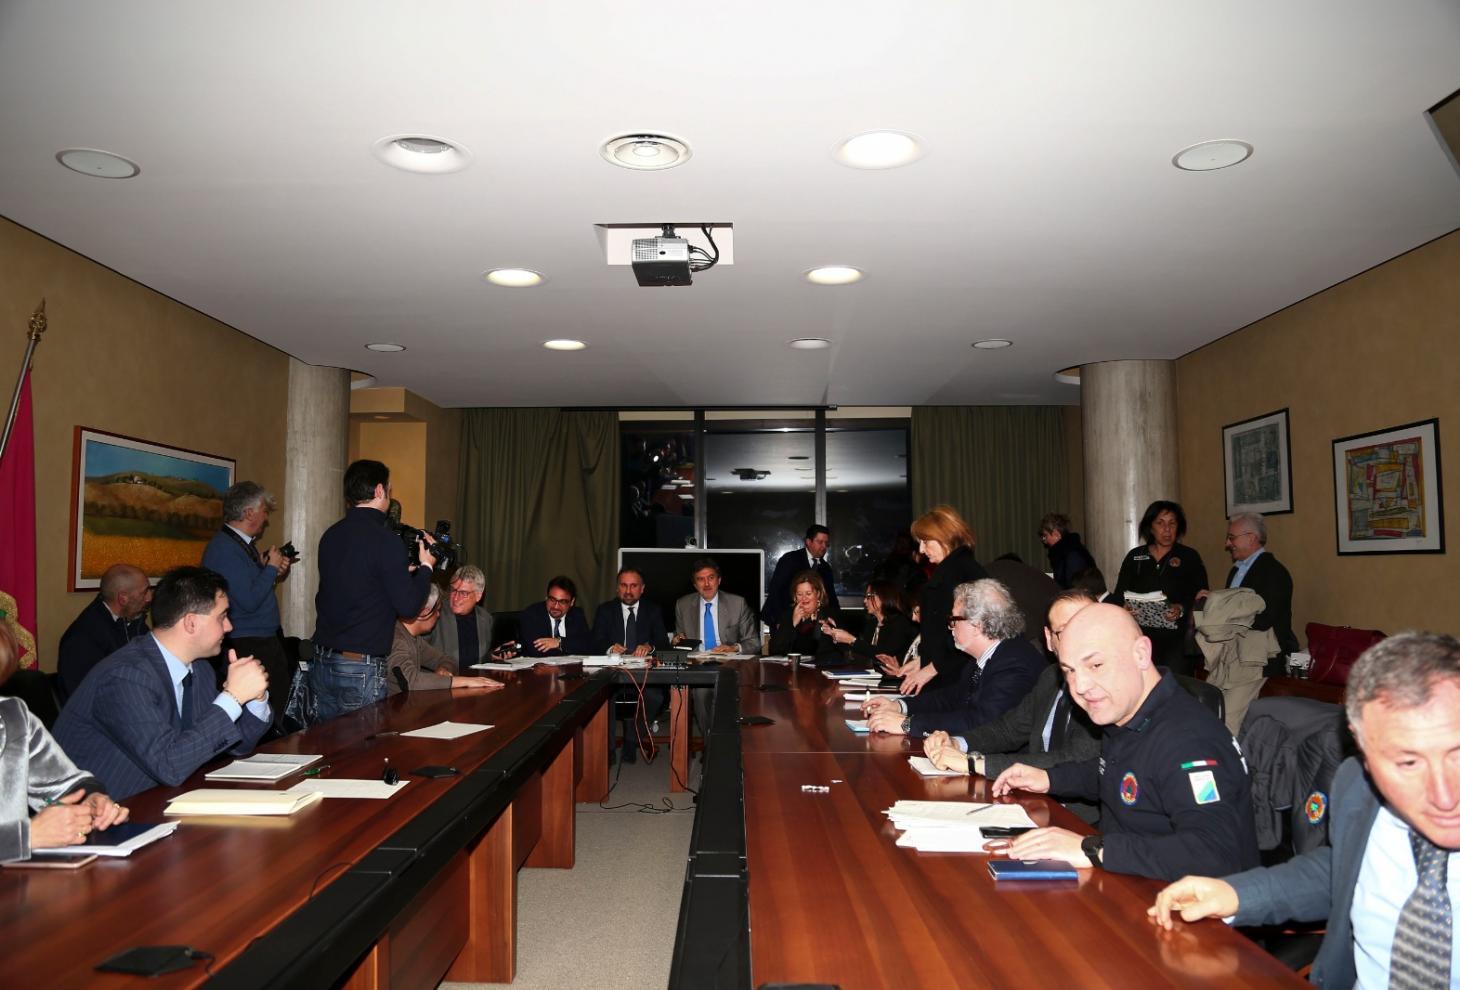 Emergenza coronavirus: Presidente convoca sindaci per misure da adottare |  Regione Abruzzo